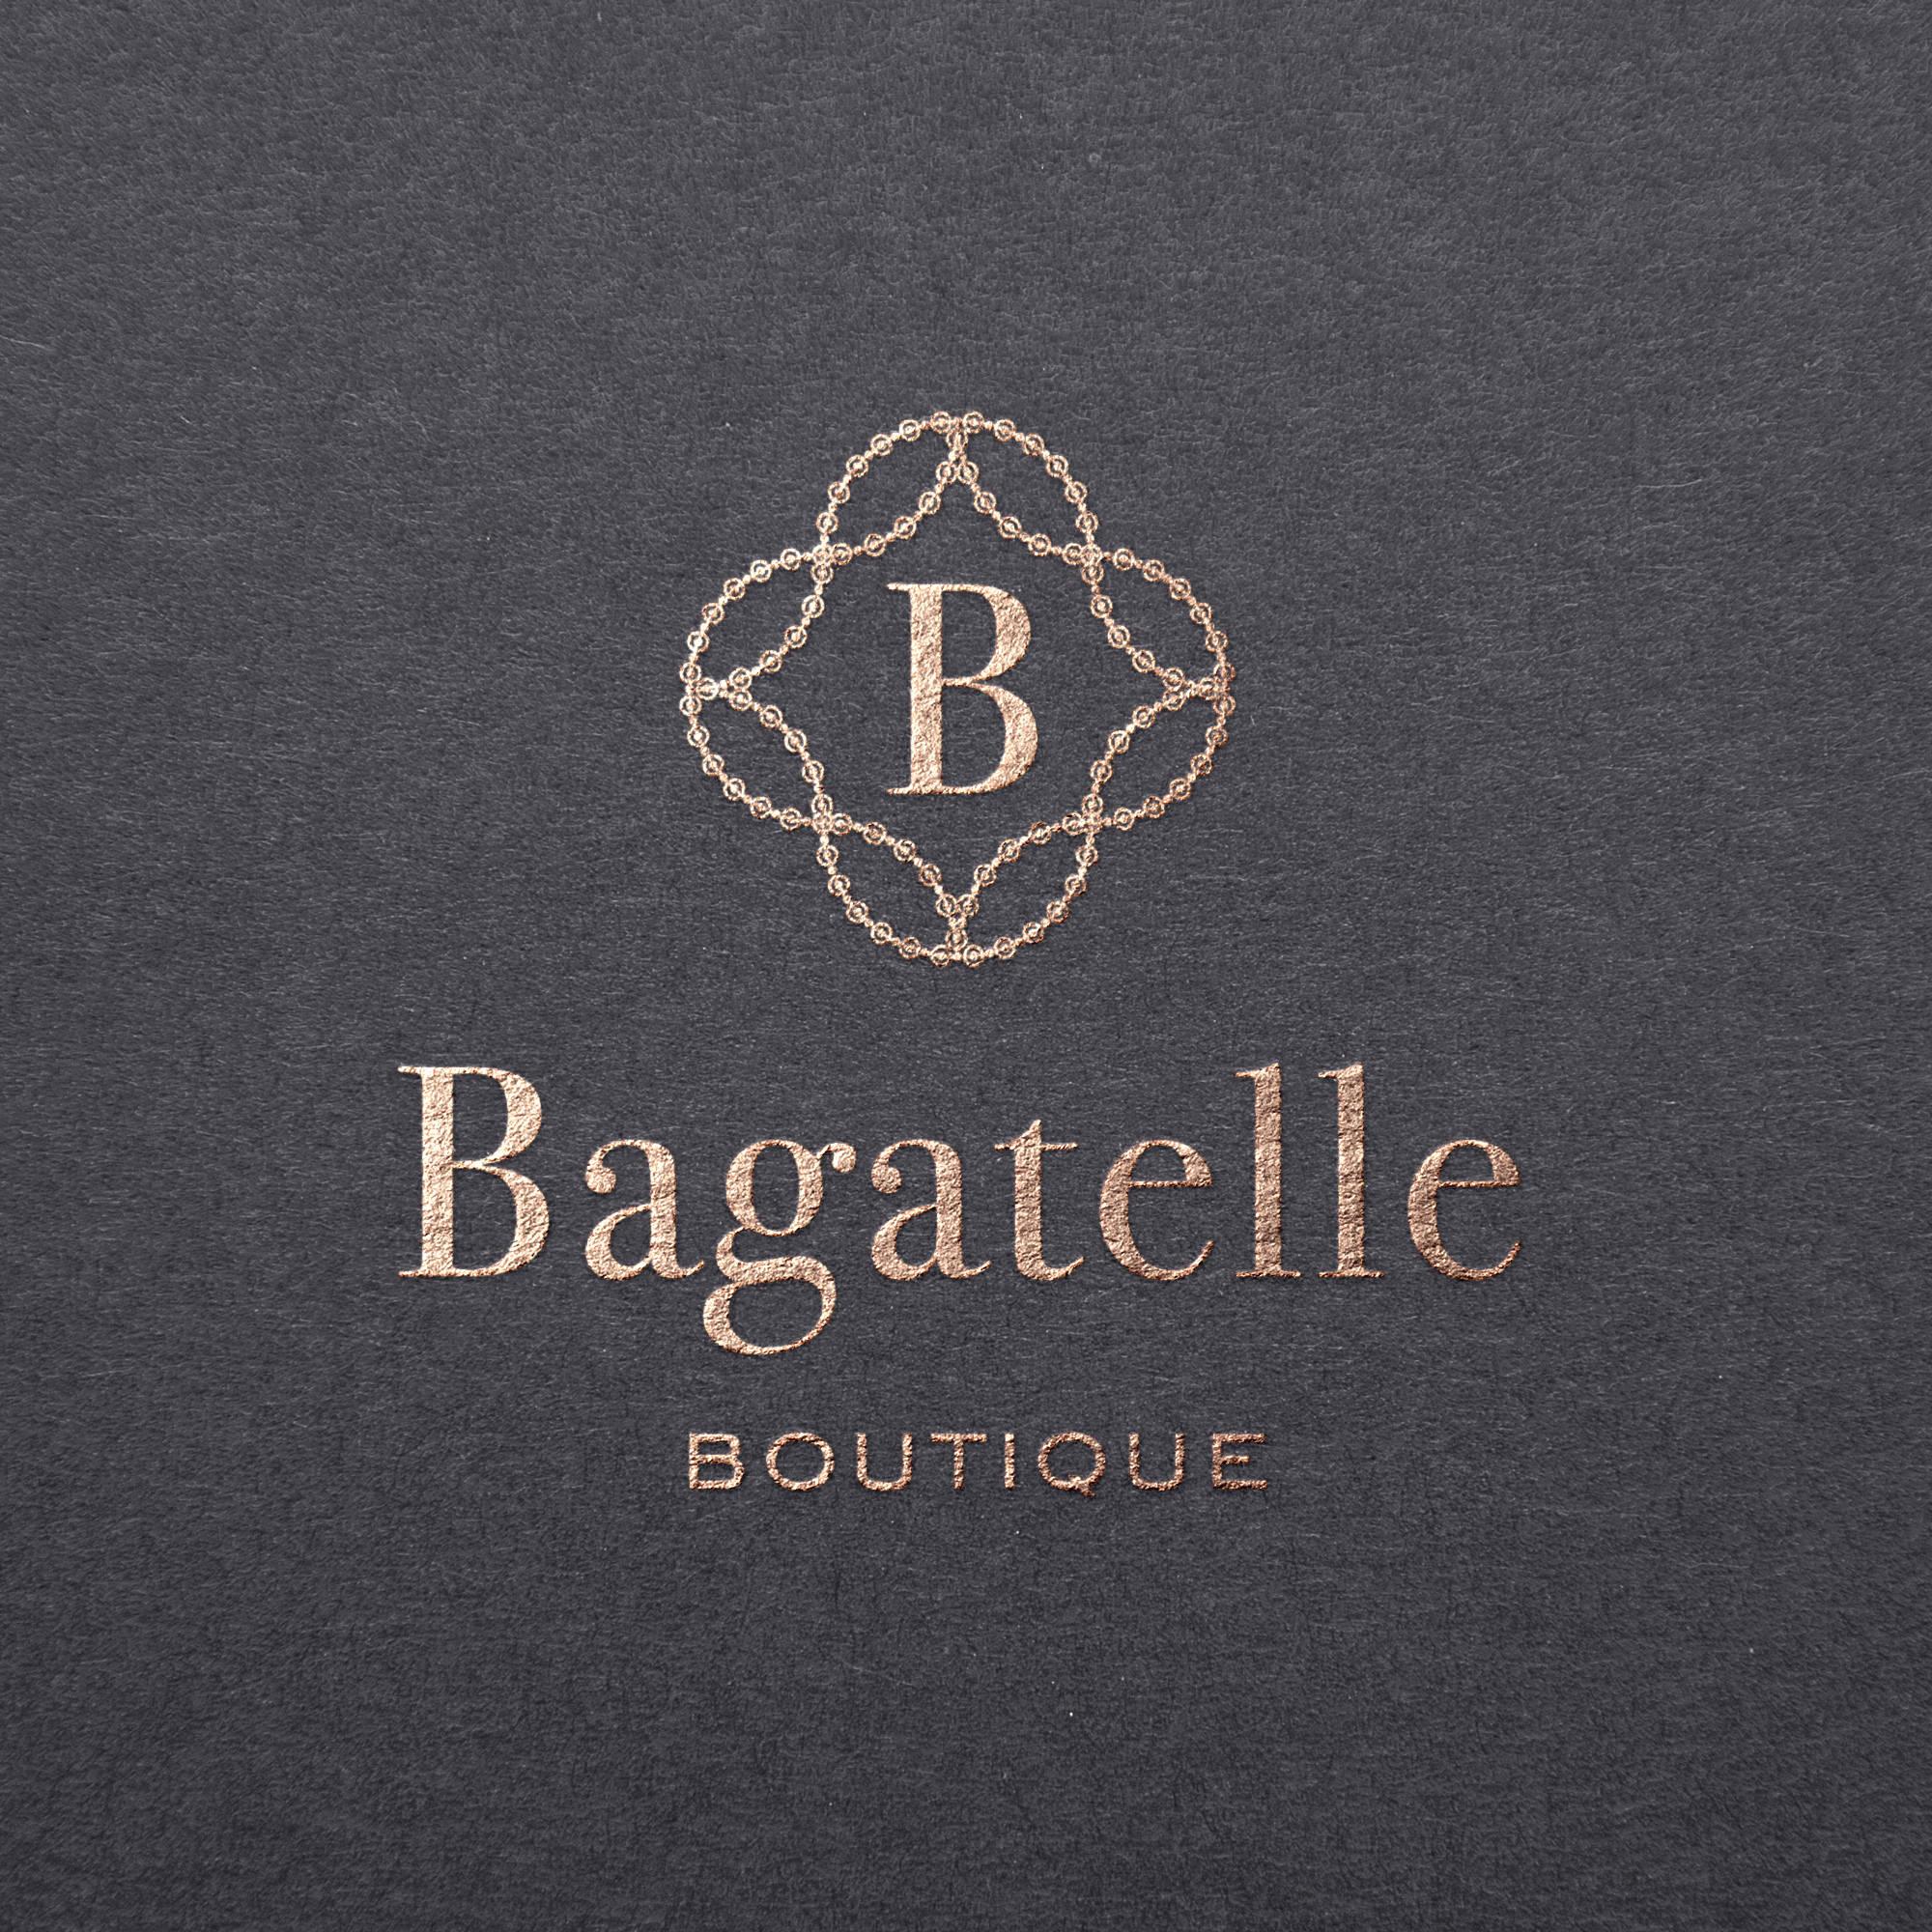 Bagatelle Boutique